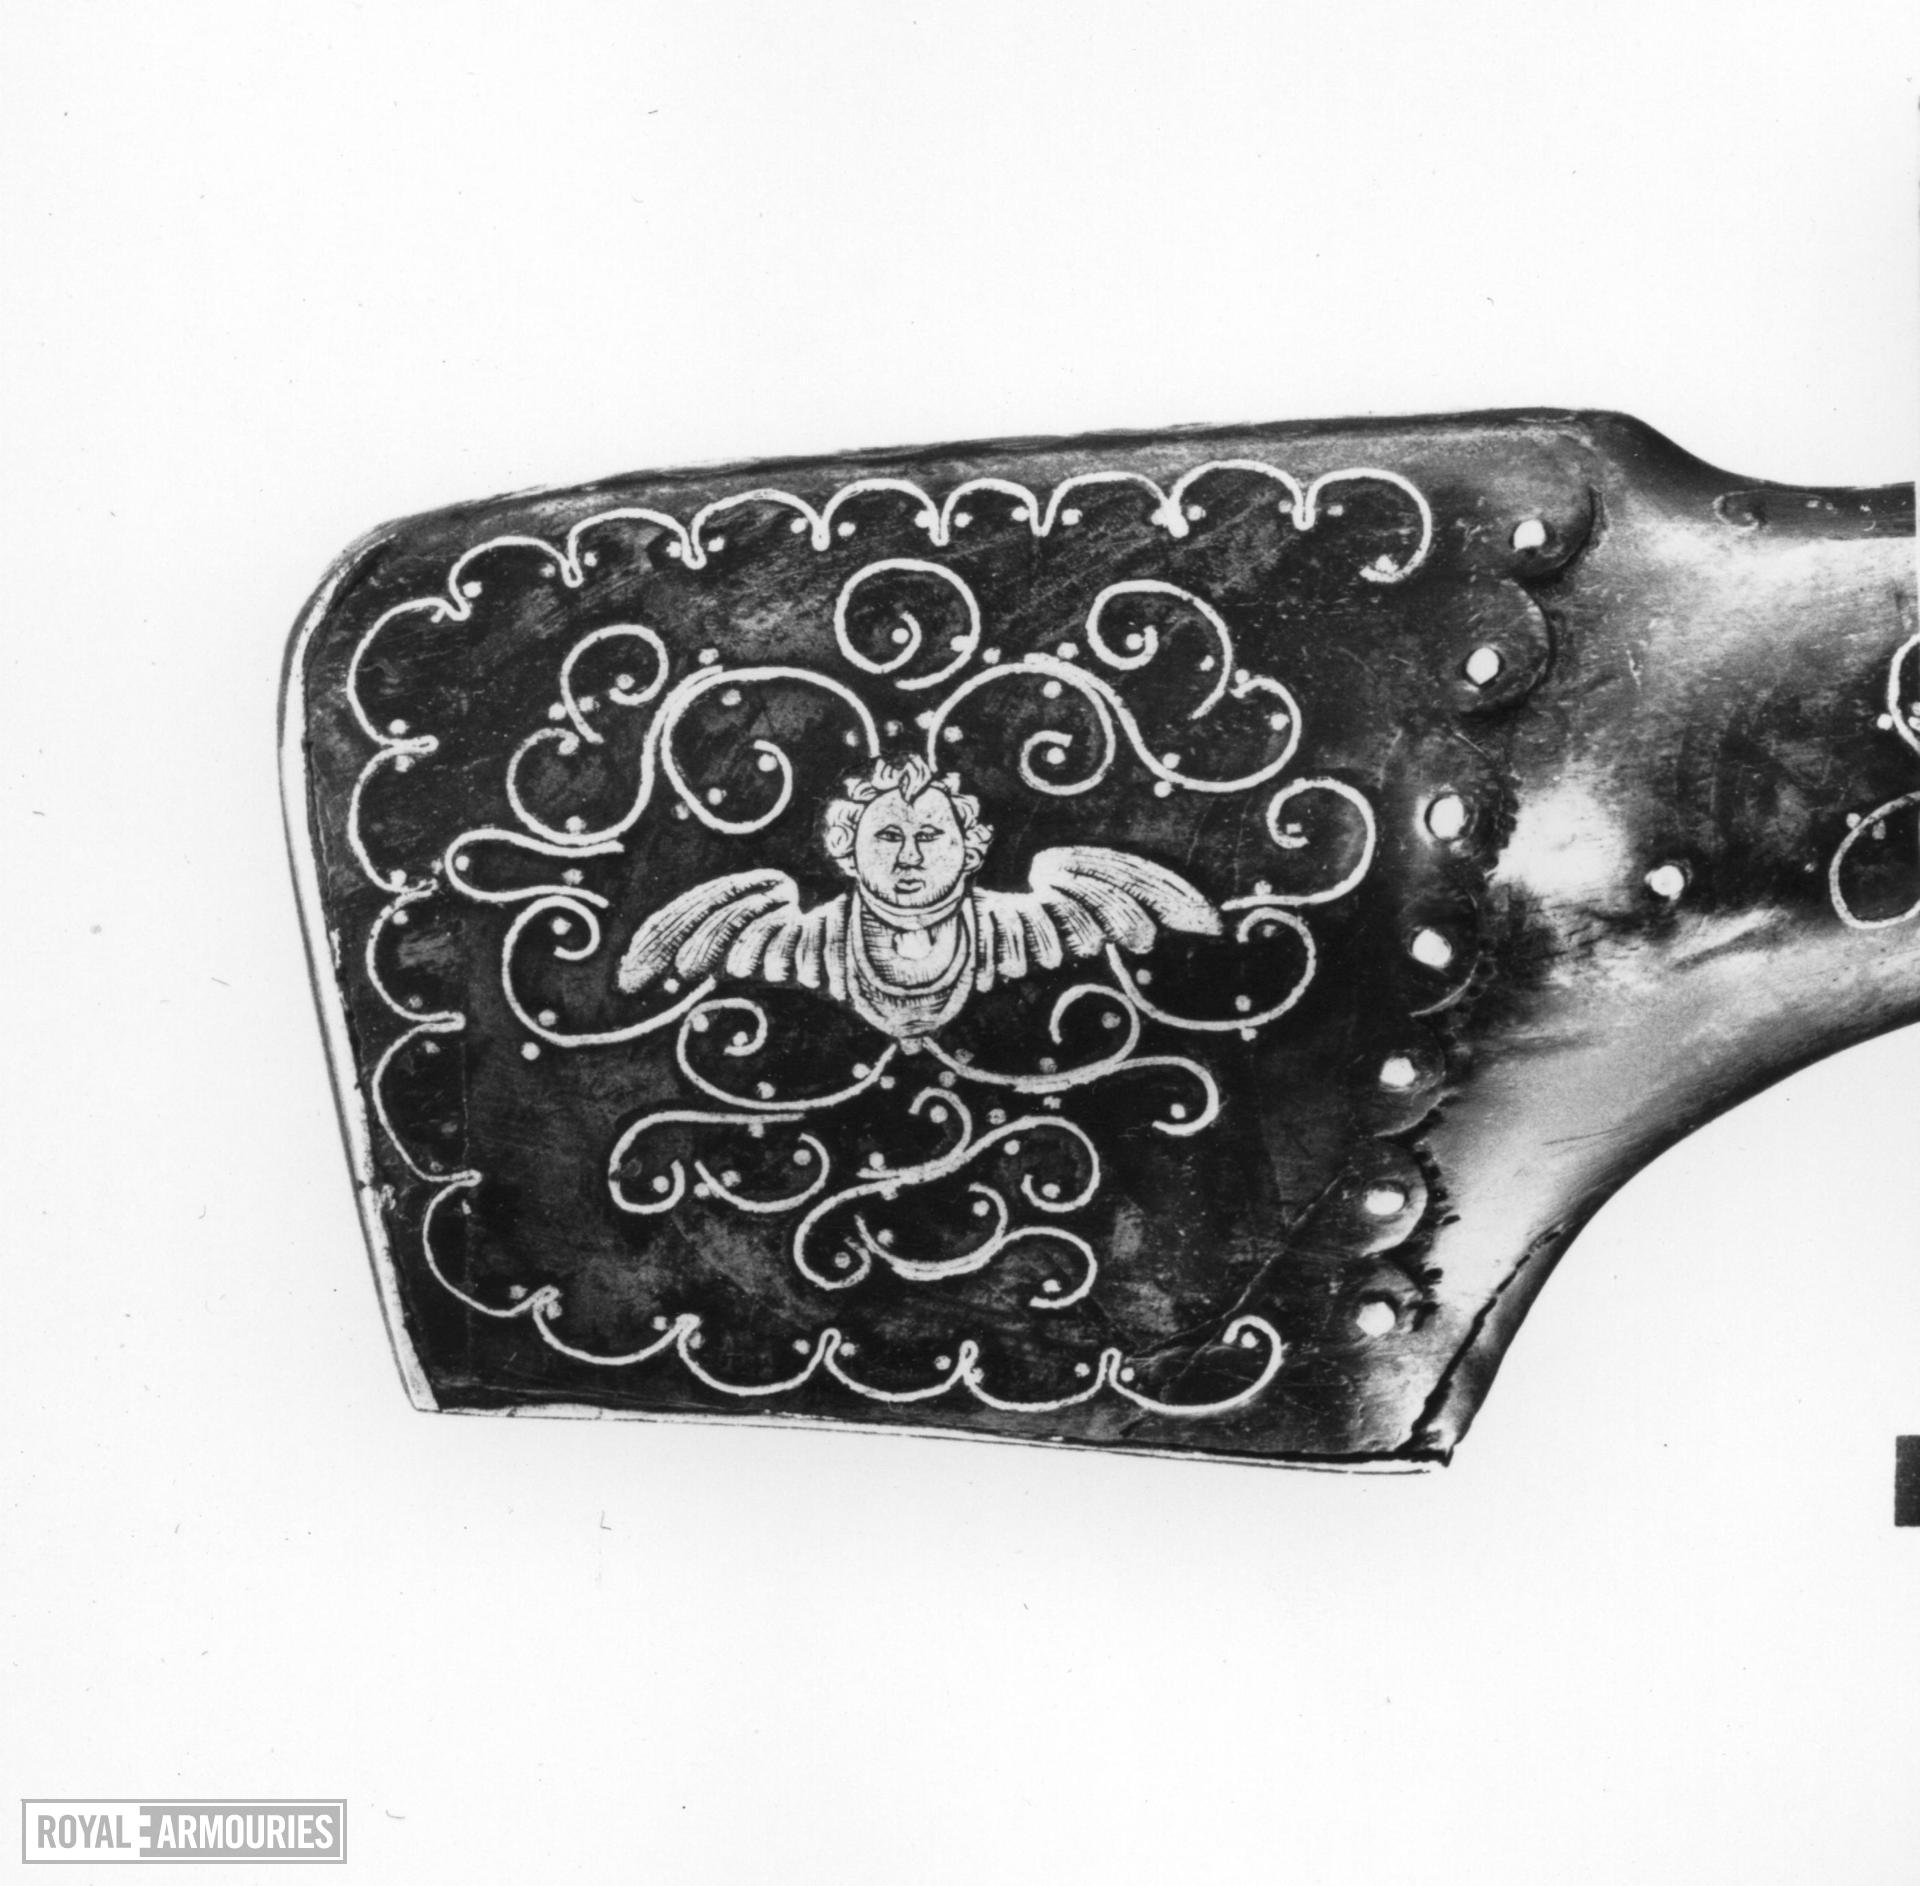 Wheellock Carbine - By Hans Ruhr